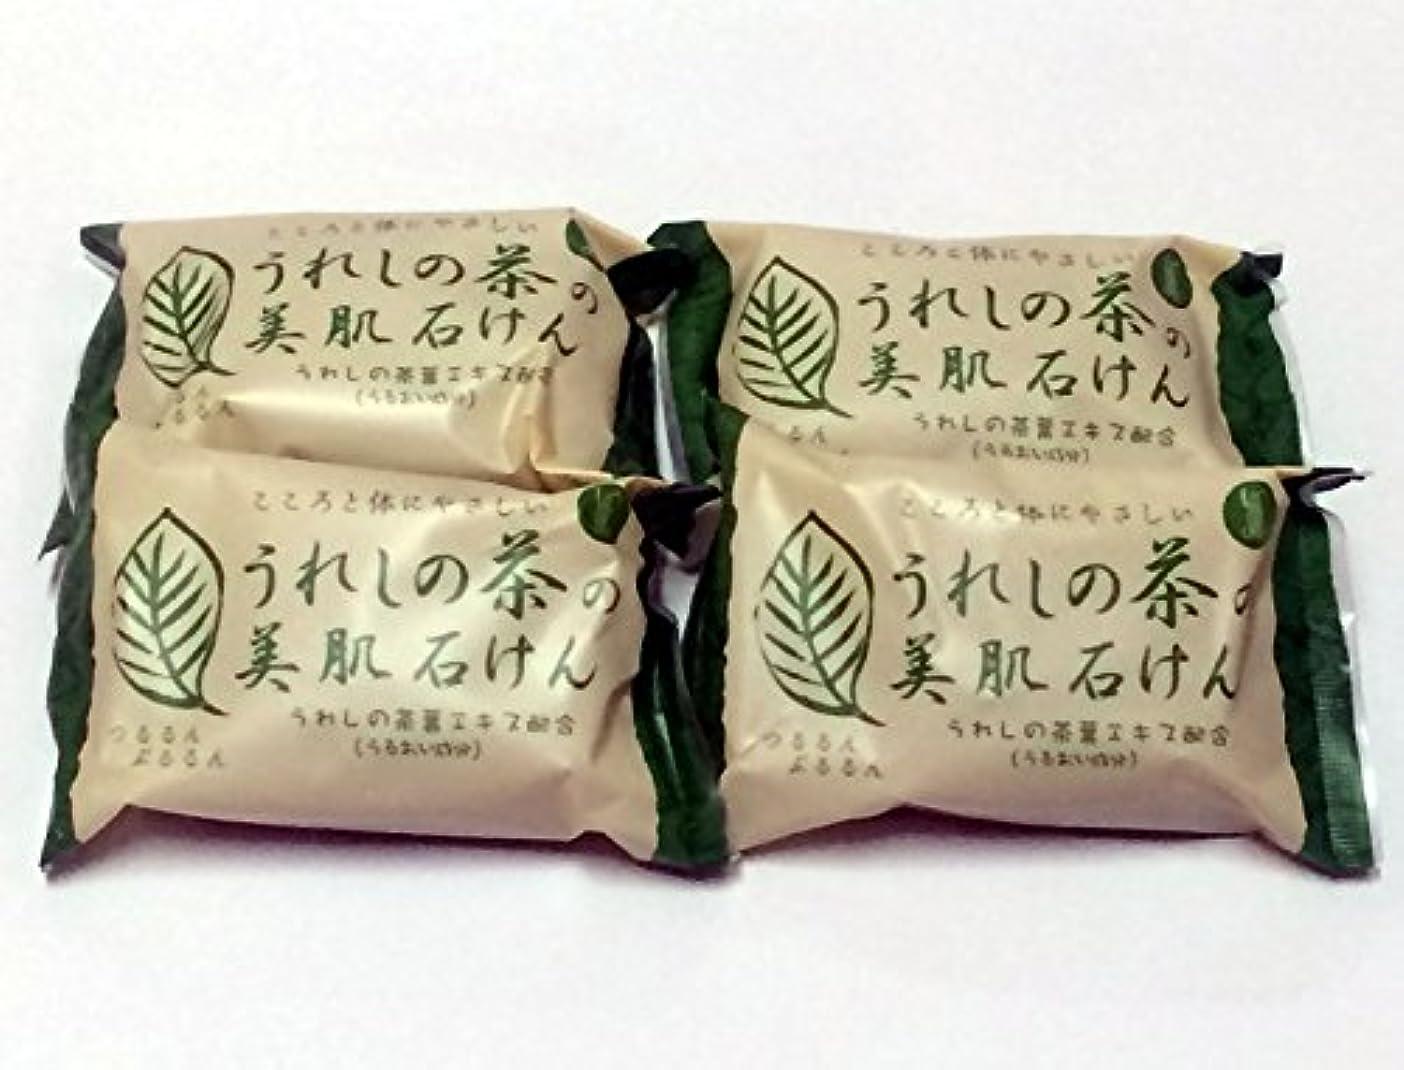 孤児低下整理する日本三大美肌の湯嬉野温泉 うれしの茶の美肌石けん4個セット